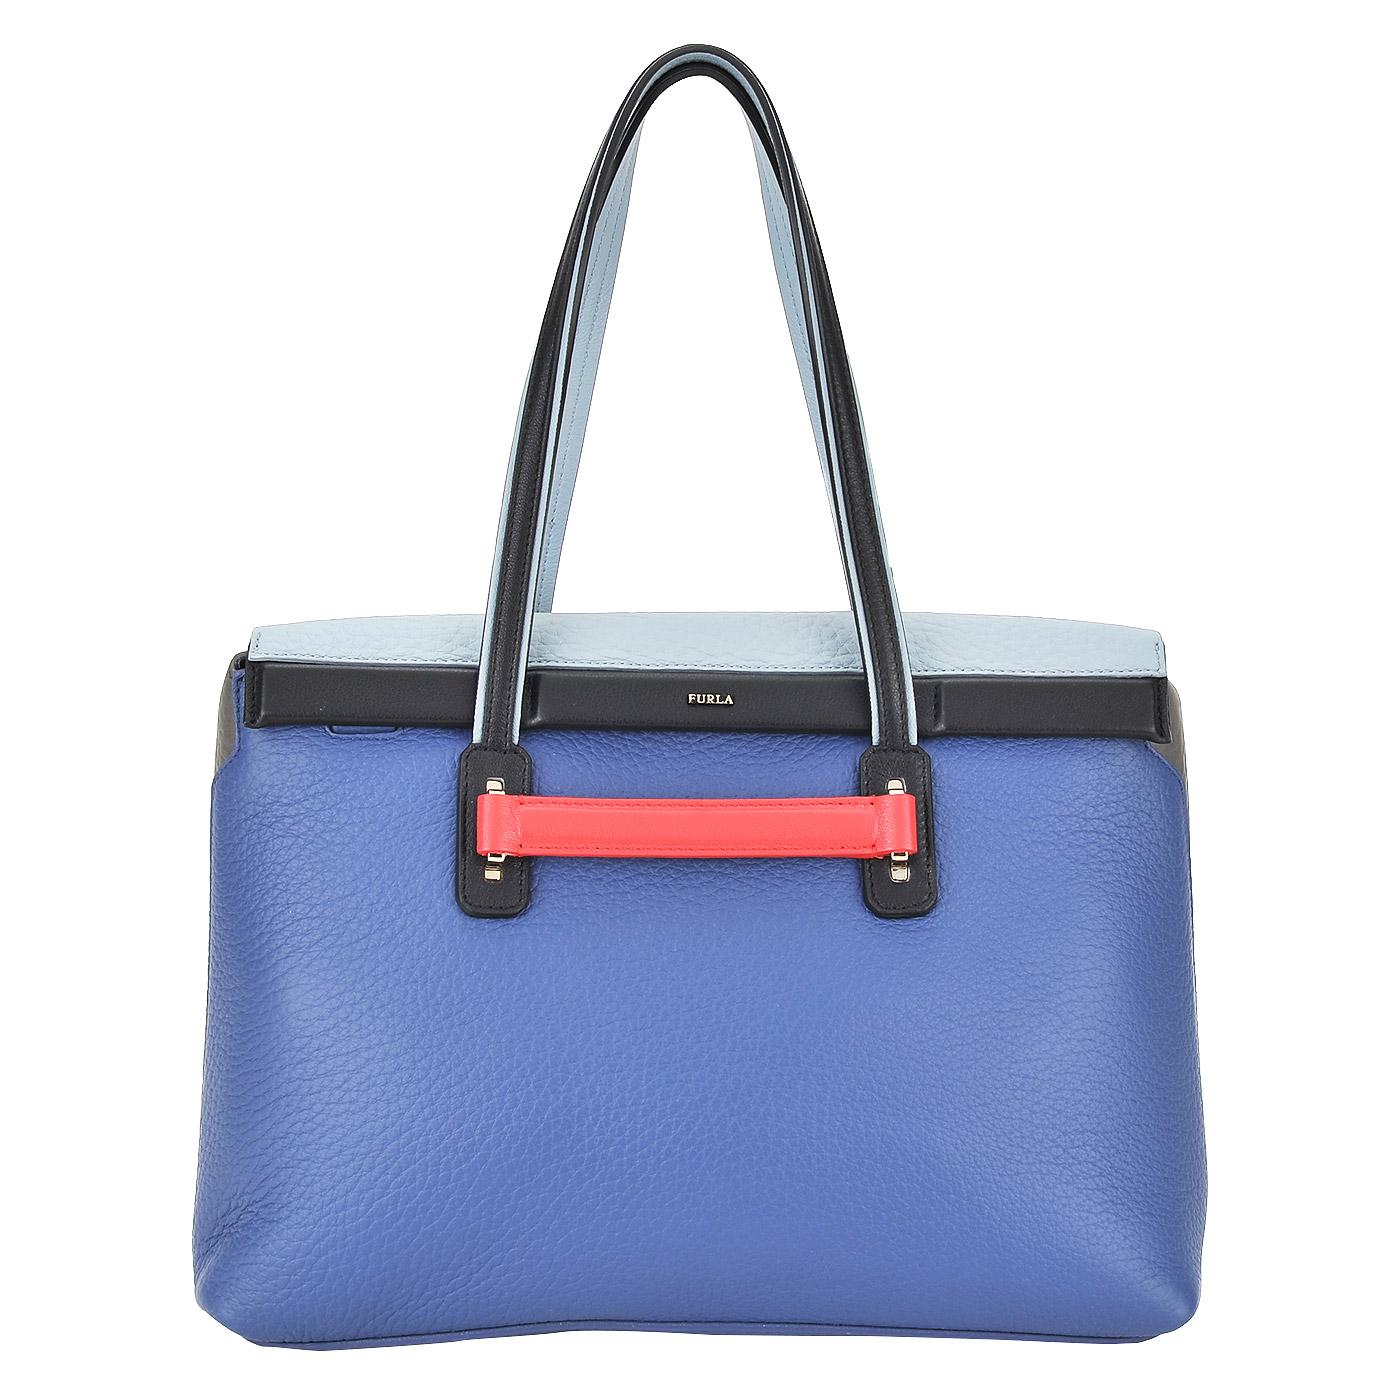 СумкаКлассические сумки<br>Закрывается клапаном. Внутри одно отделение, в котором карман на молнии и два кармашка для мелочей.<br><br>count_sale: 0<br>new: 1<br>sale: 0